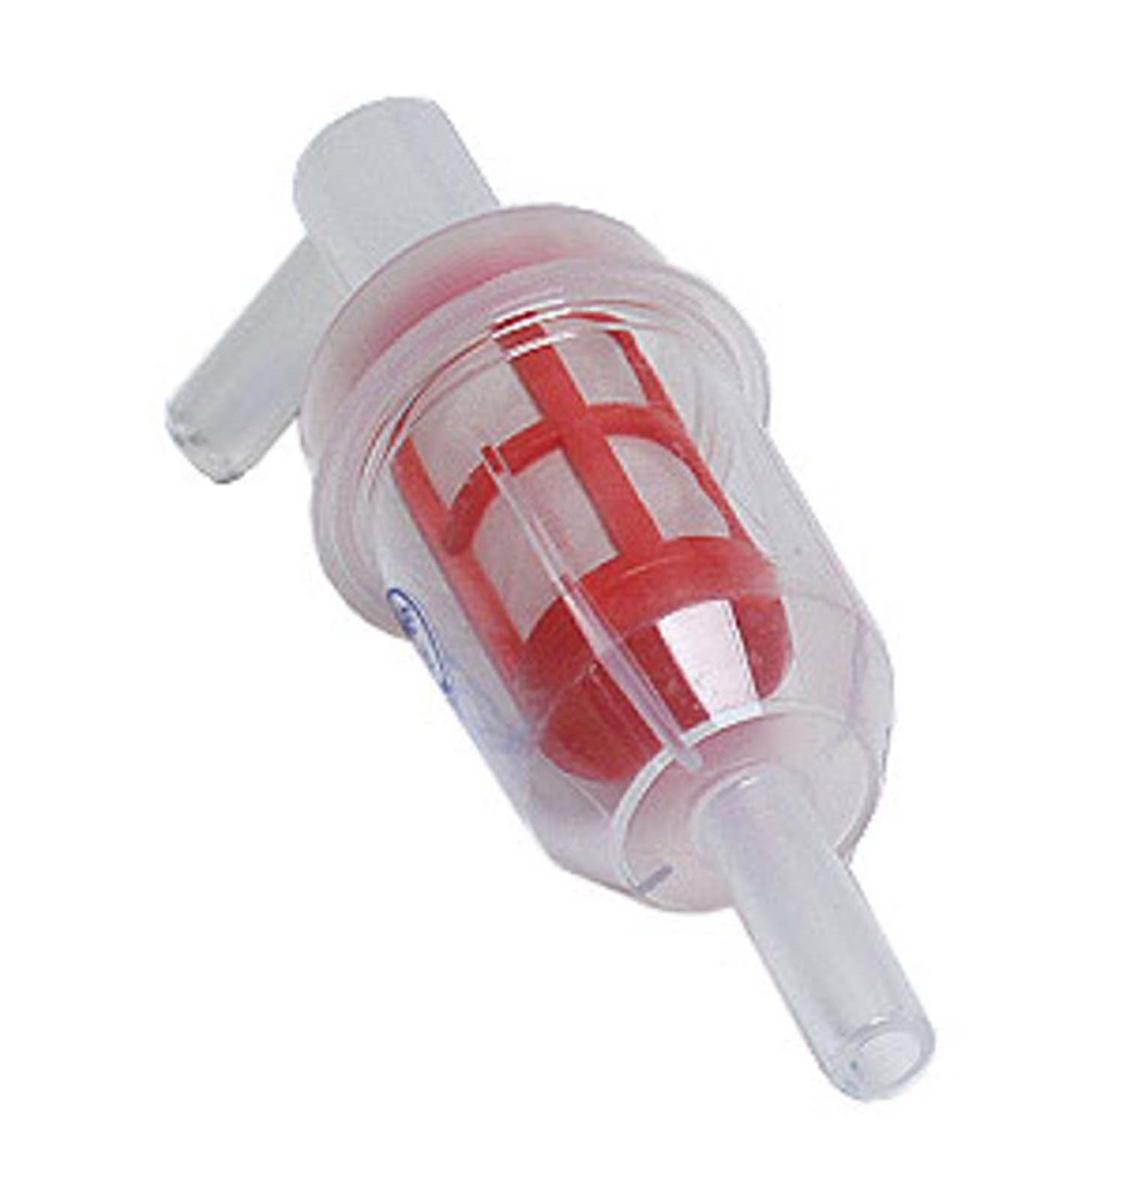 Primary Fuel Filters, Set of 3, New OM601 OM602 OM603 OM605 OM606 OM615  OM616 OM617